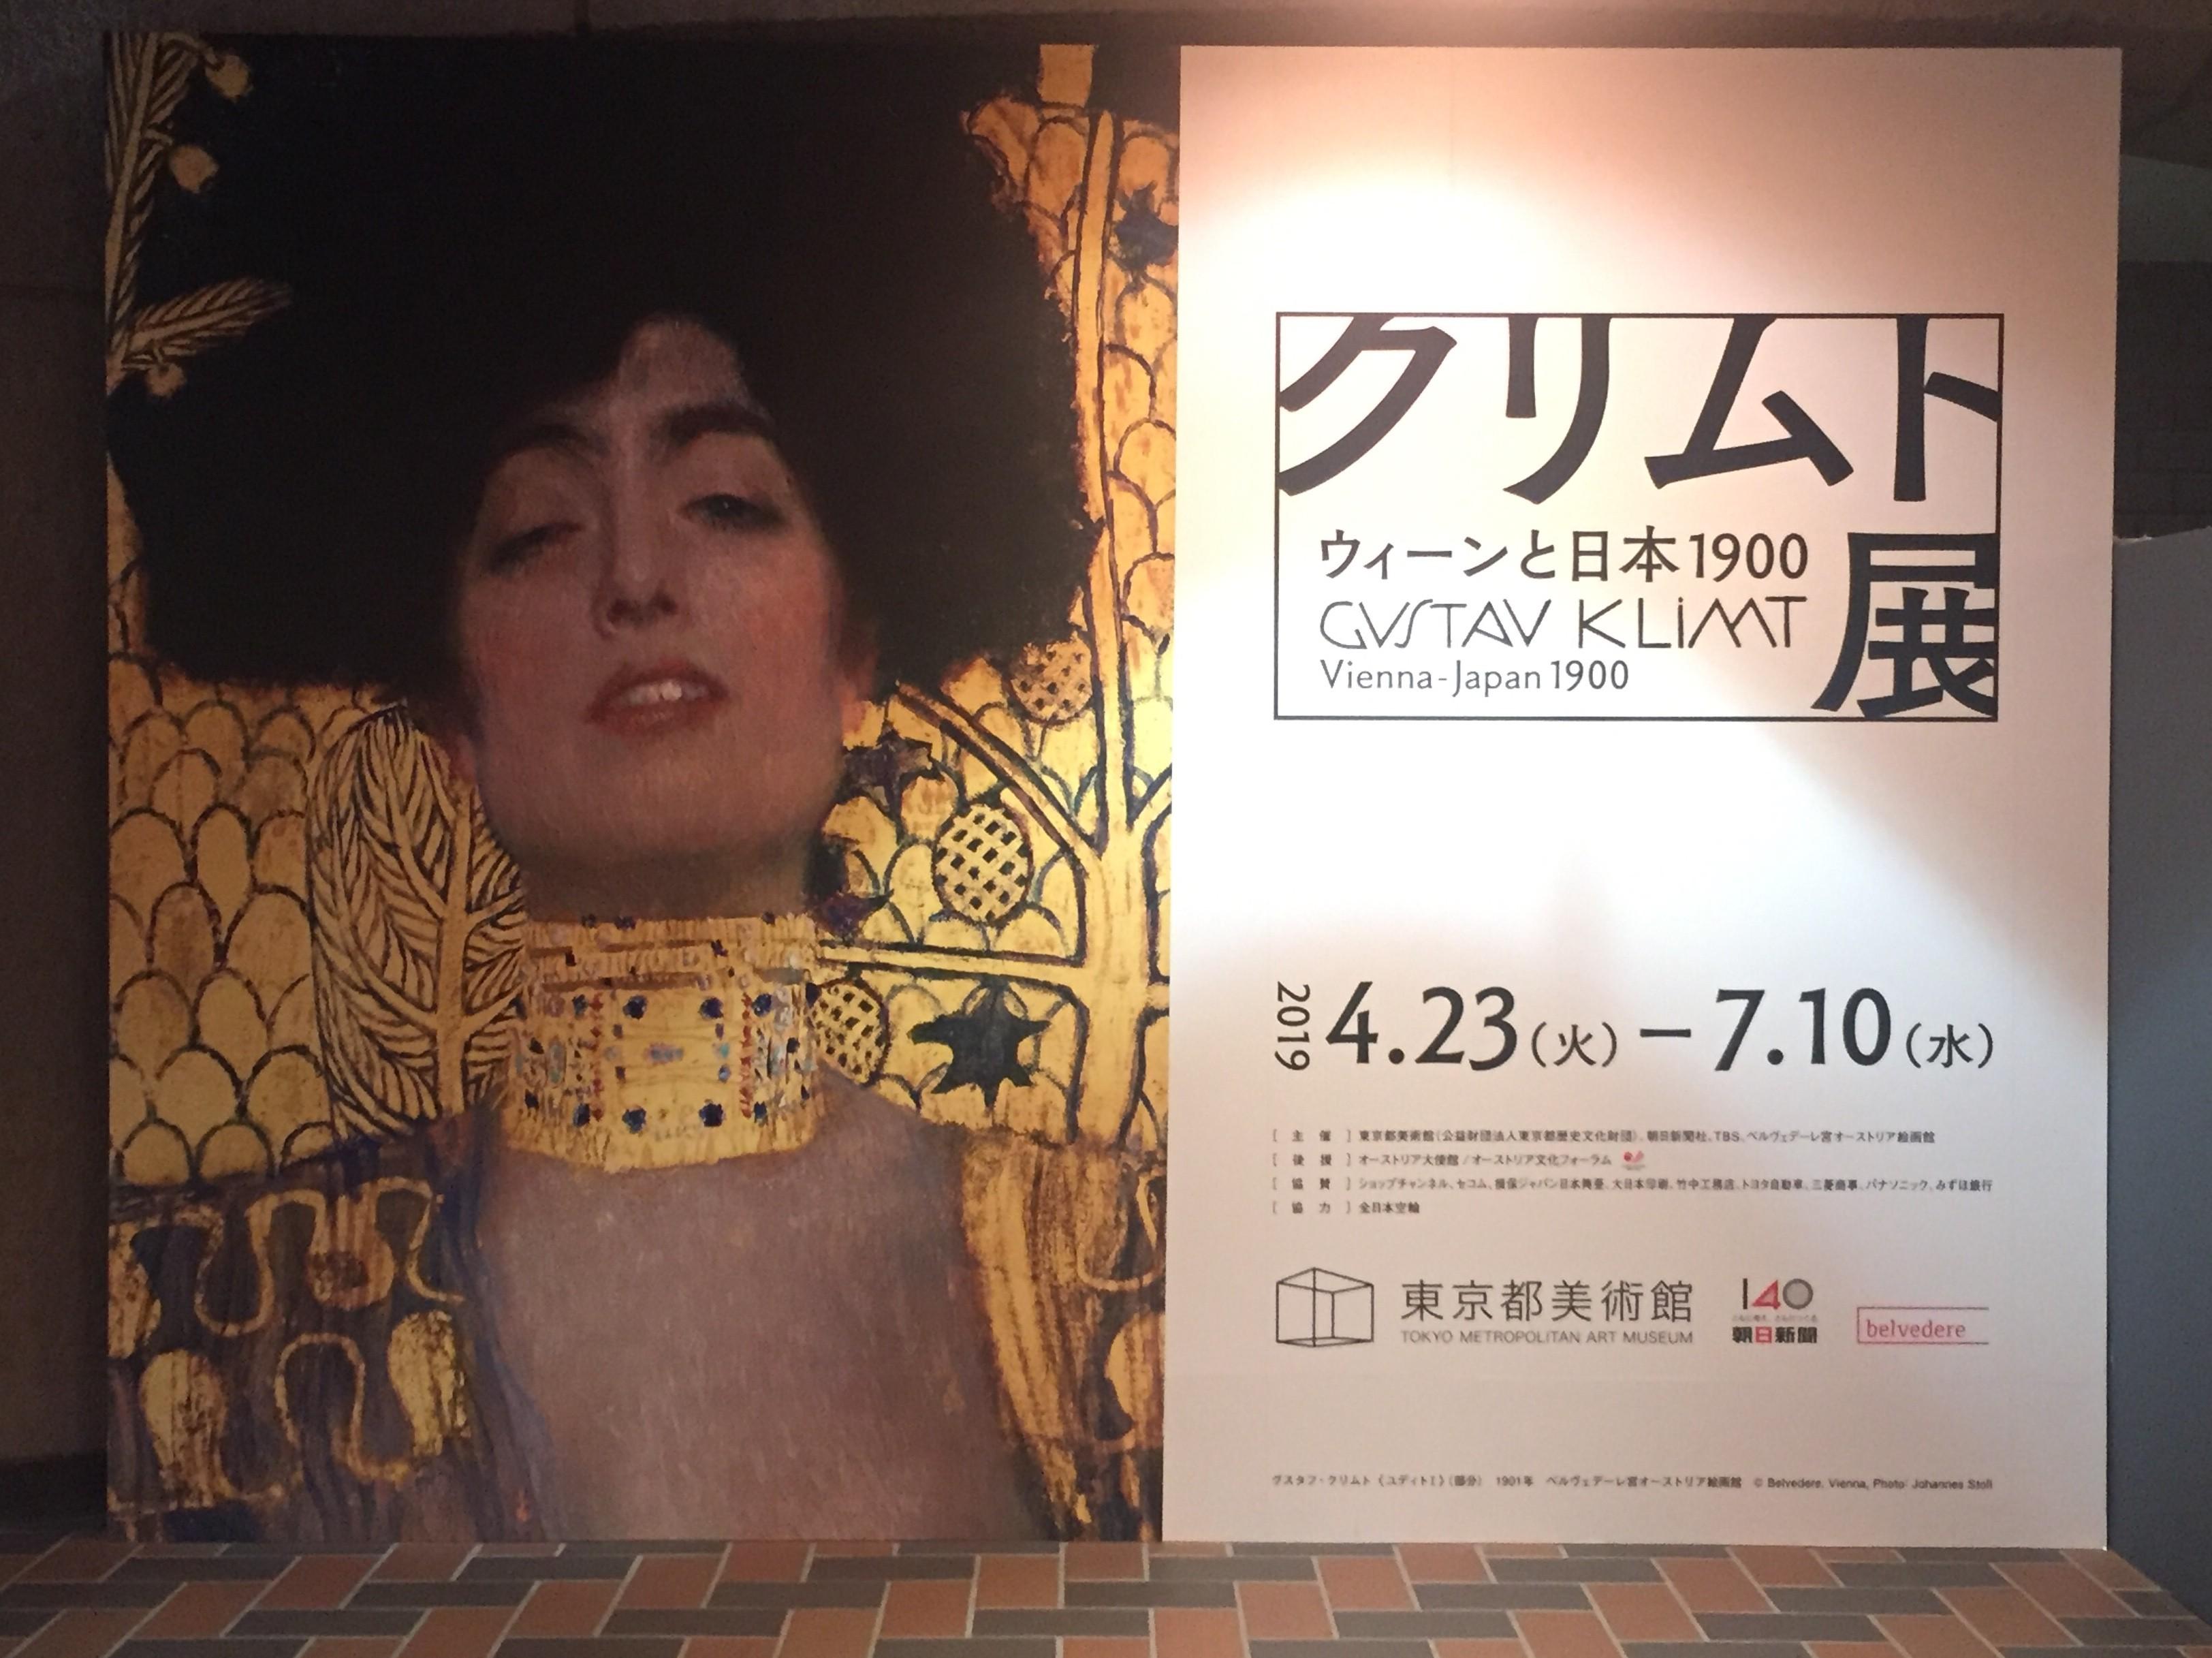 愛知・豊田市美術館でも開催「クリムト展 ウィーンと日本1900」ユディトIなどの見どころ紹介と感想